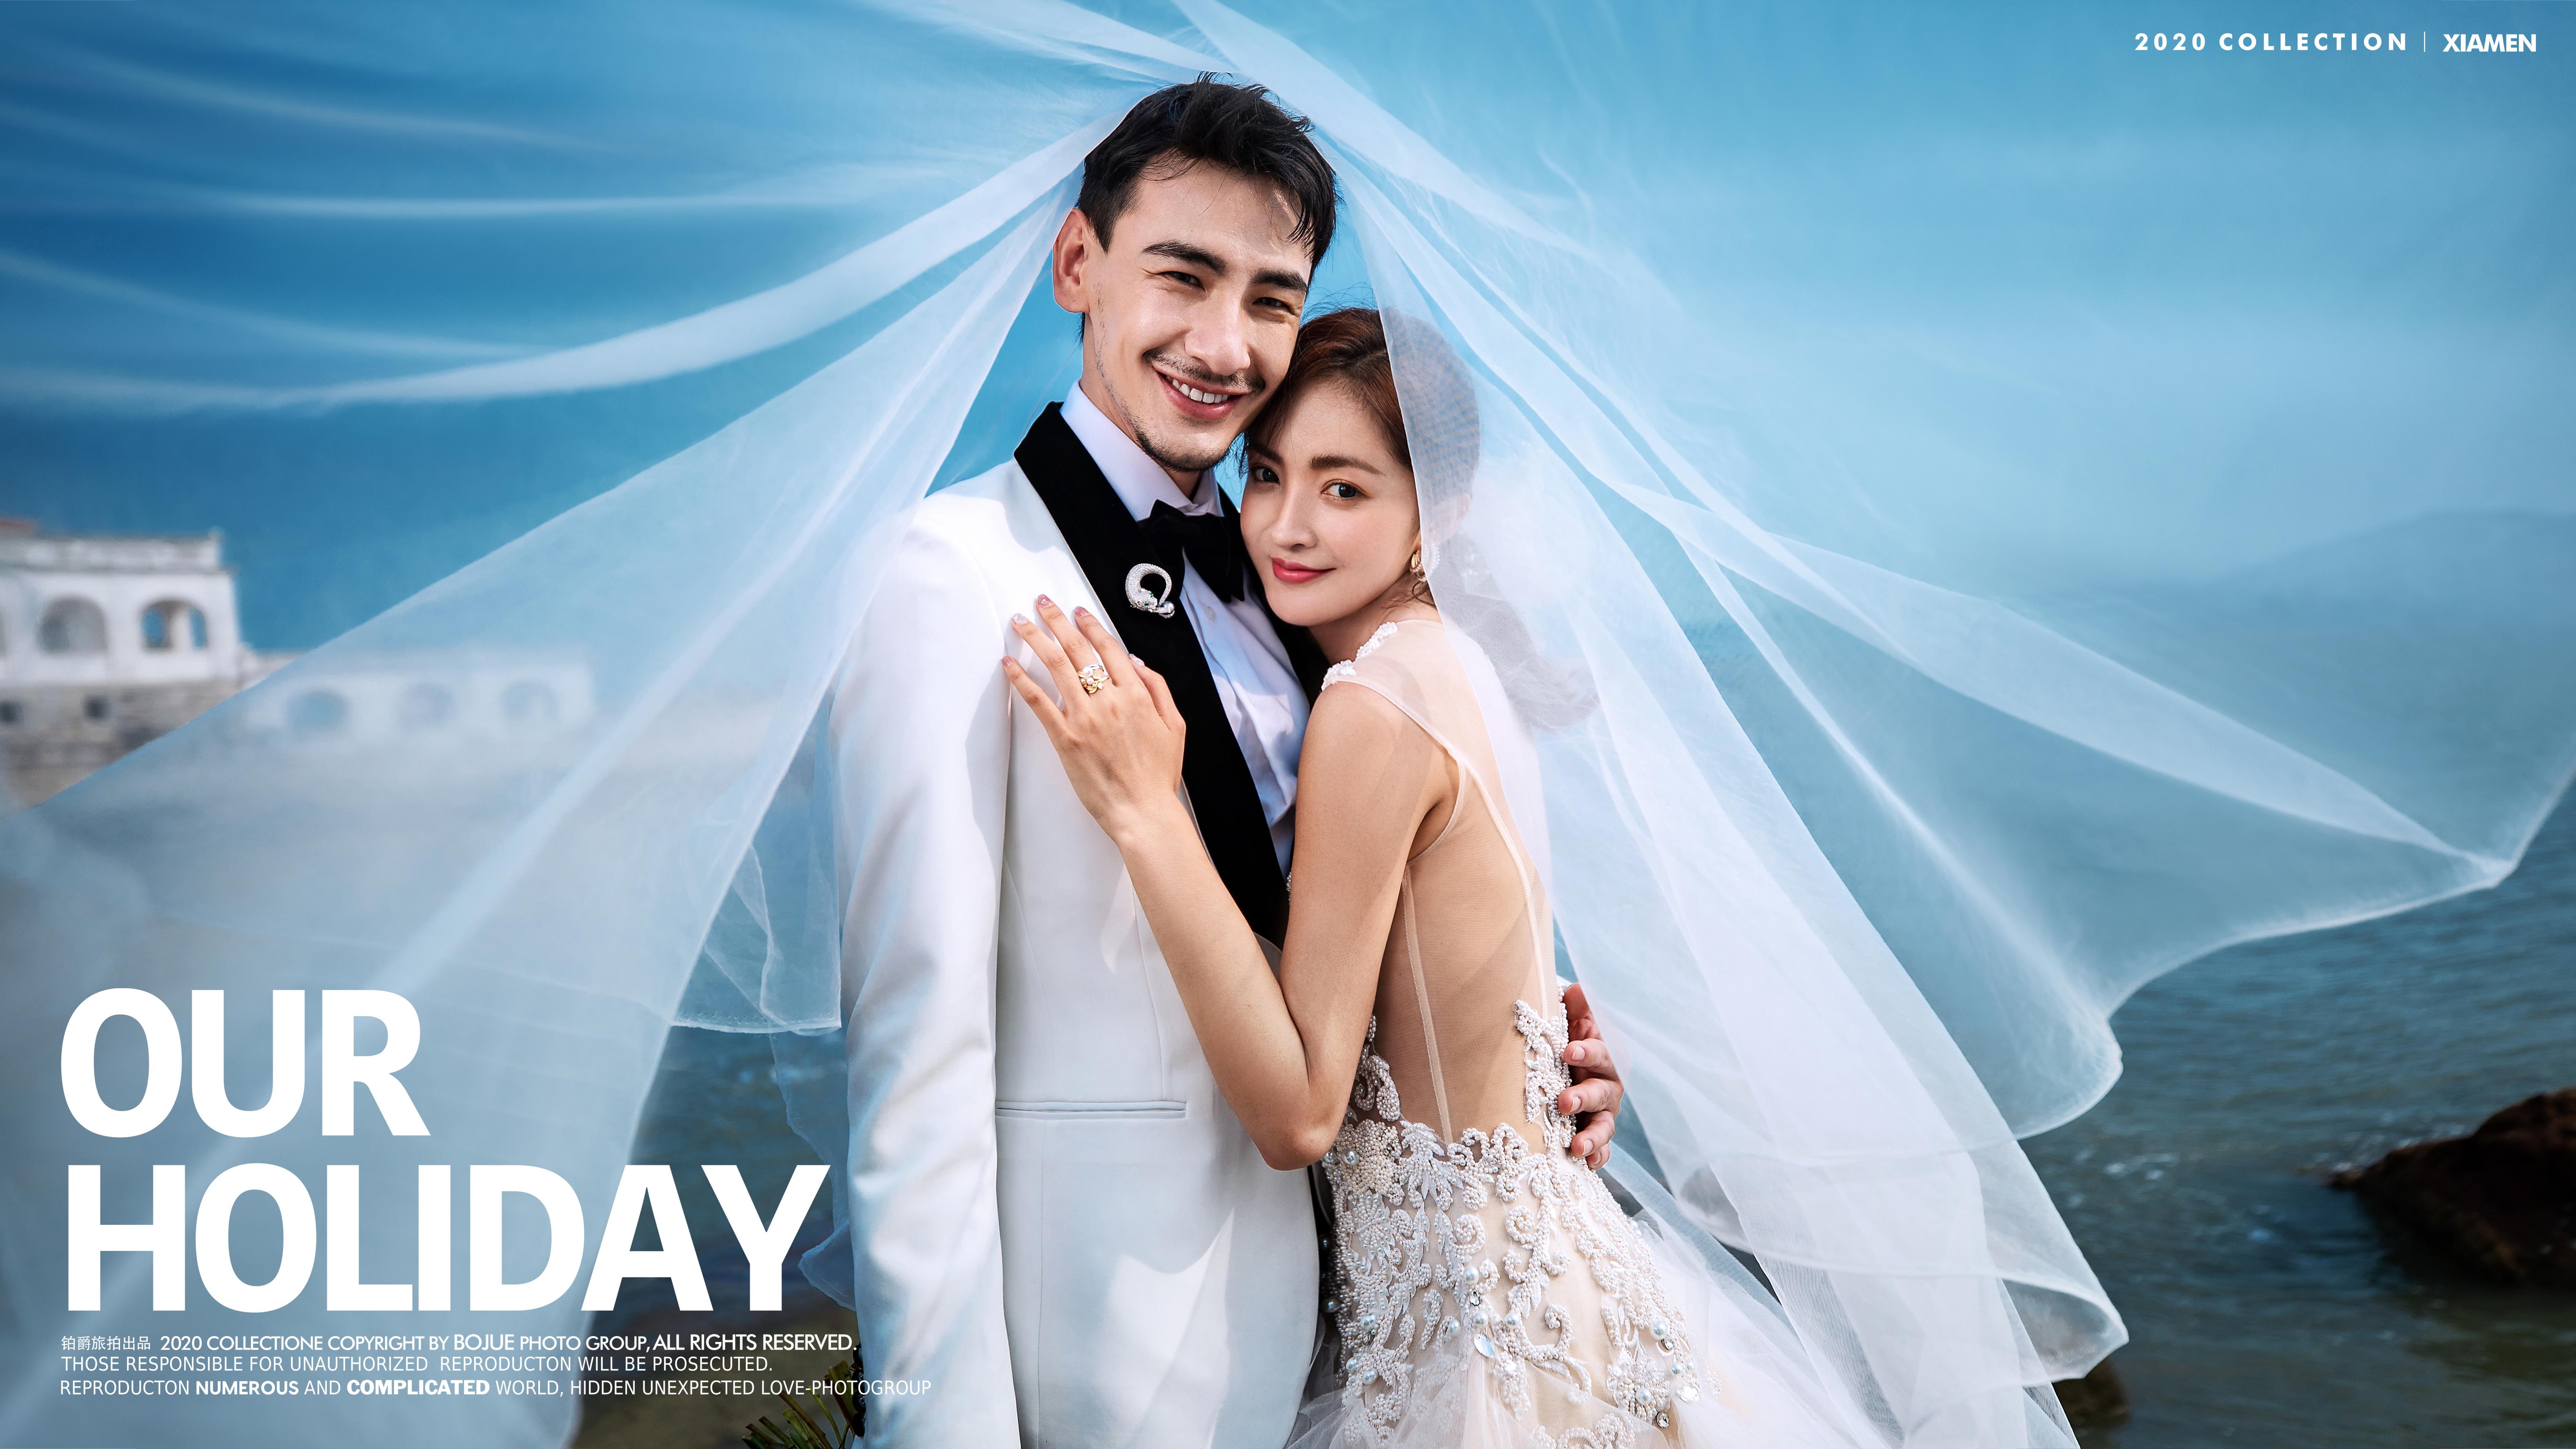 厦门婚纱照风格怎么选?拍婚纱照要怎么选择拍摄服装?